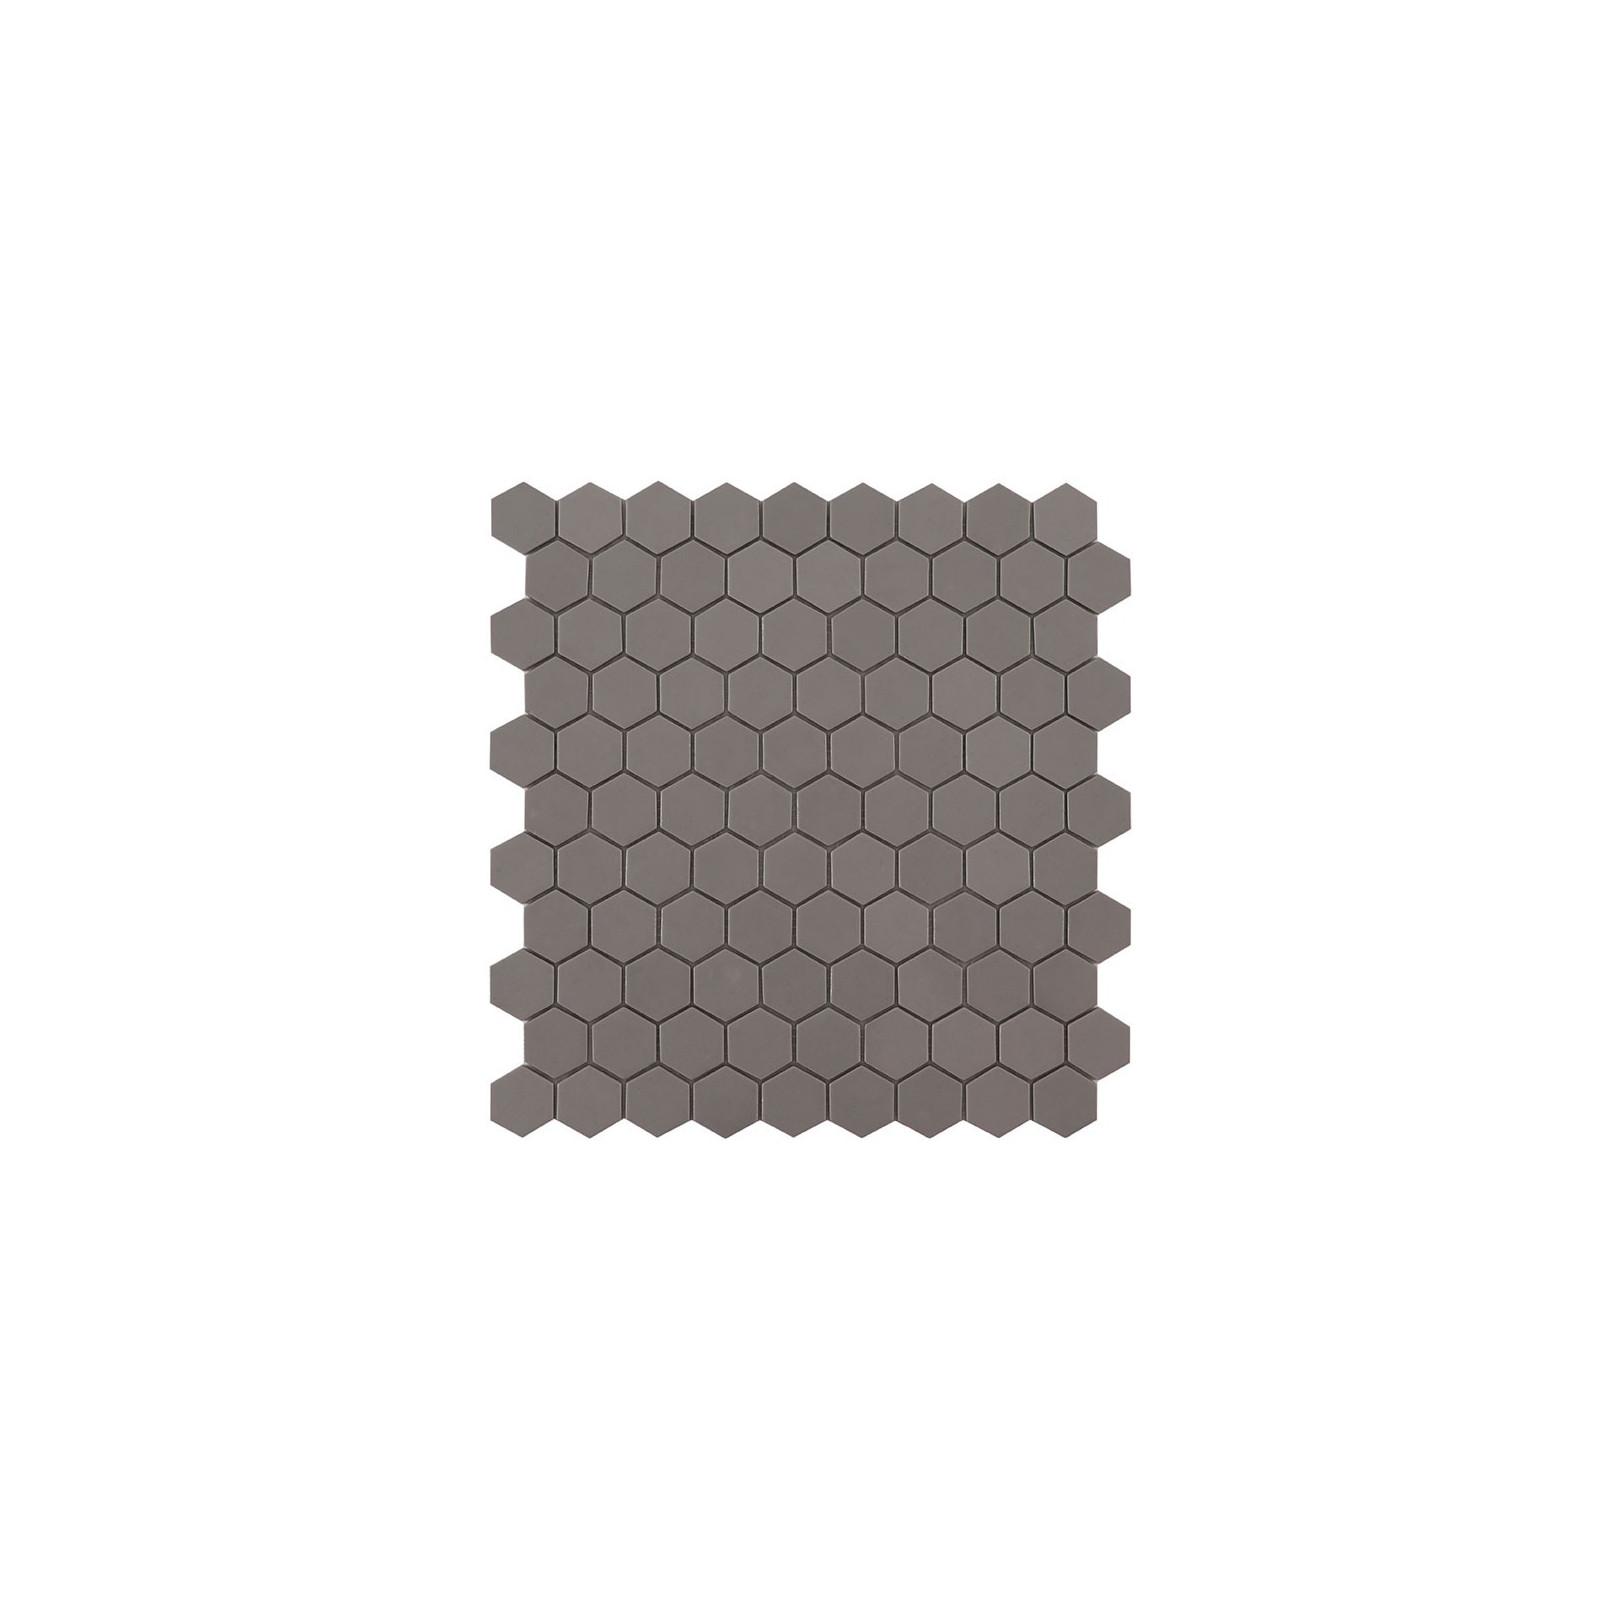 Mosaïque Nordic hexagone 3,5x3,5cm Frappe (gris) mat sur trame nylon 32,4x31,7cm ref 926